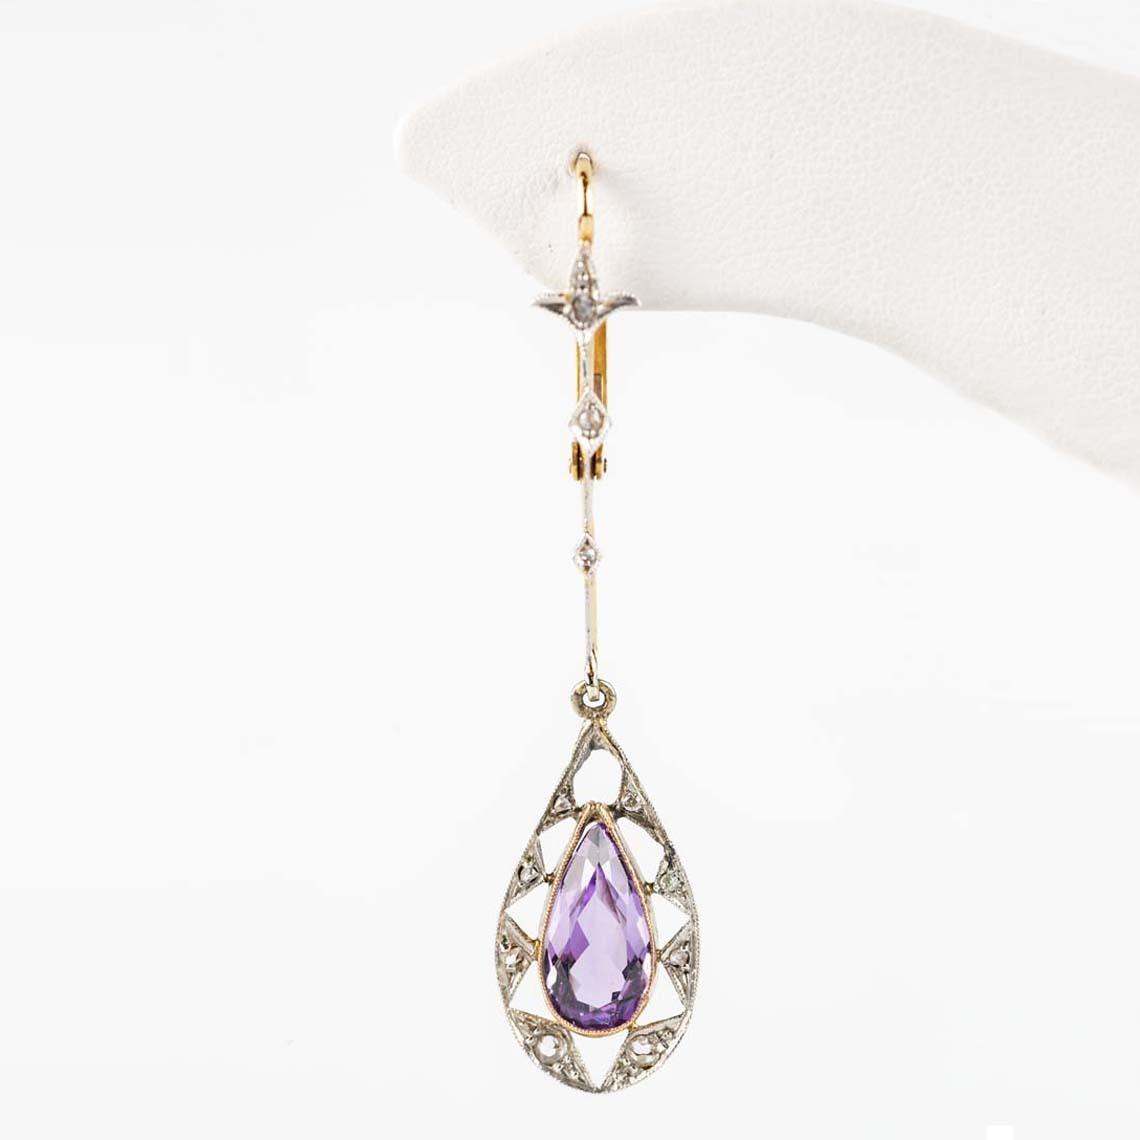 Edwardian amethyst diamond earrings